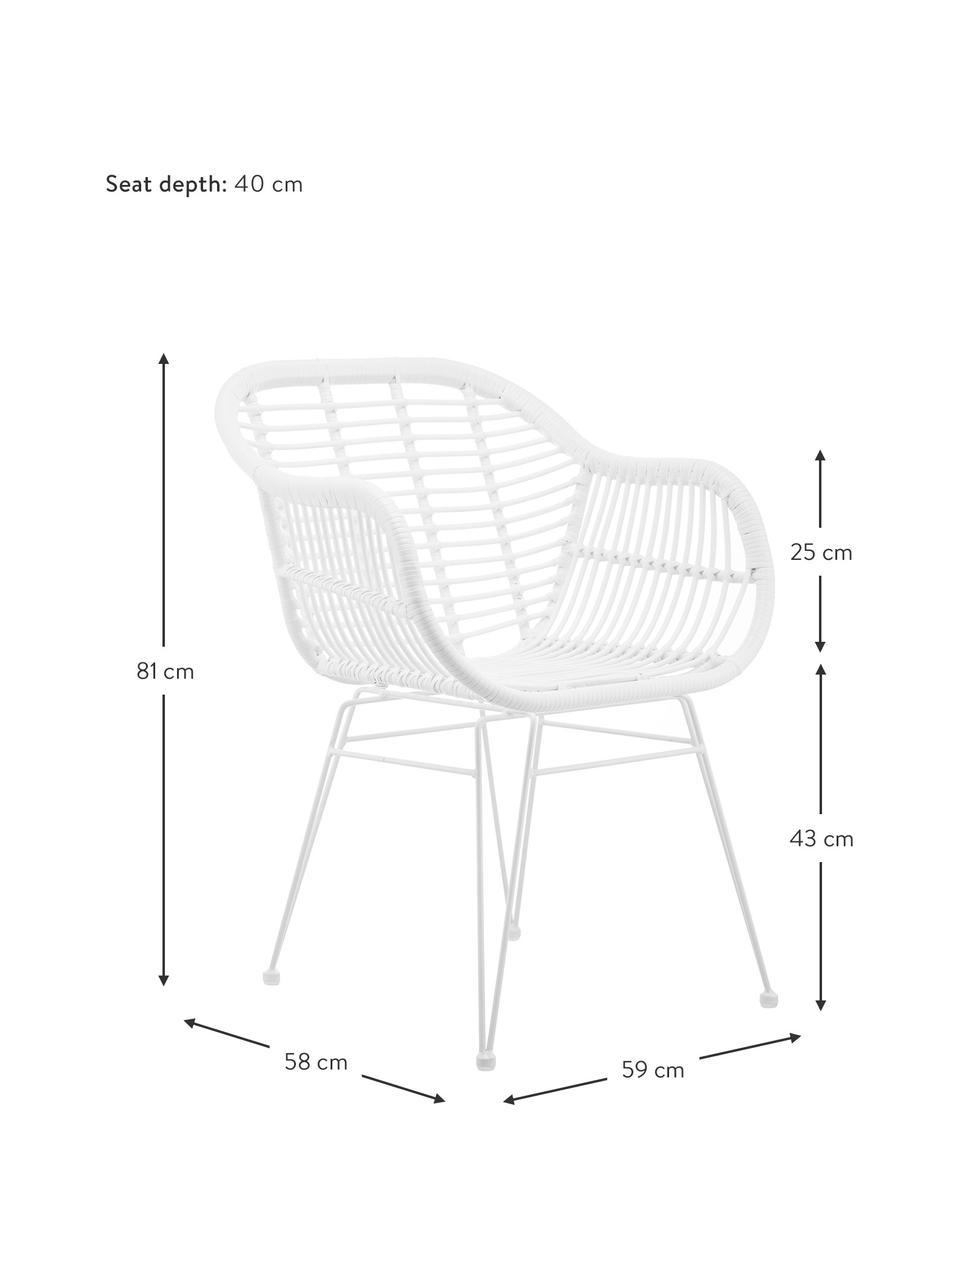 Sedia intrecciata con braccioli Costa 2 pz, Seduta: intreccio polietilene, Struttura: metallo verniciato a polv, Bianco, Larg. 59 x Prof. 58 cm